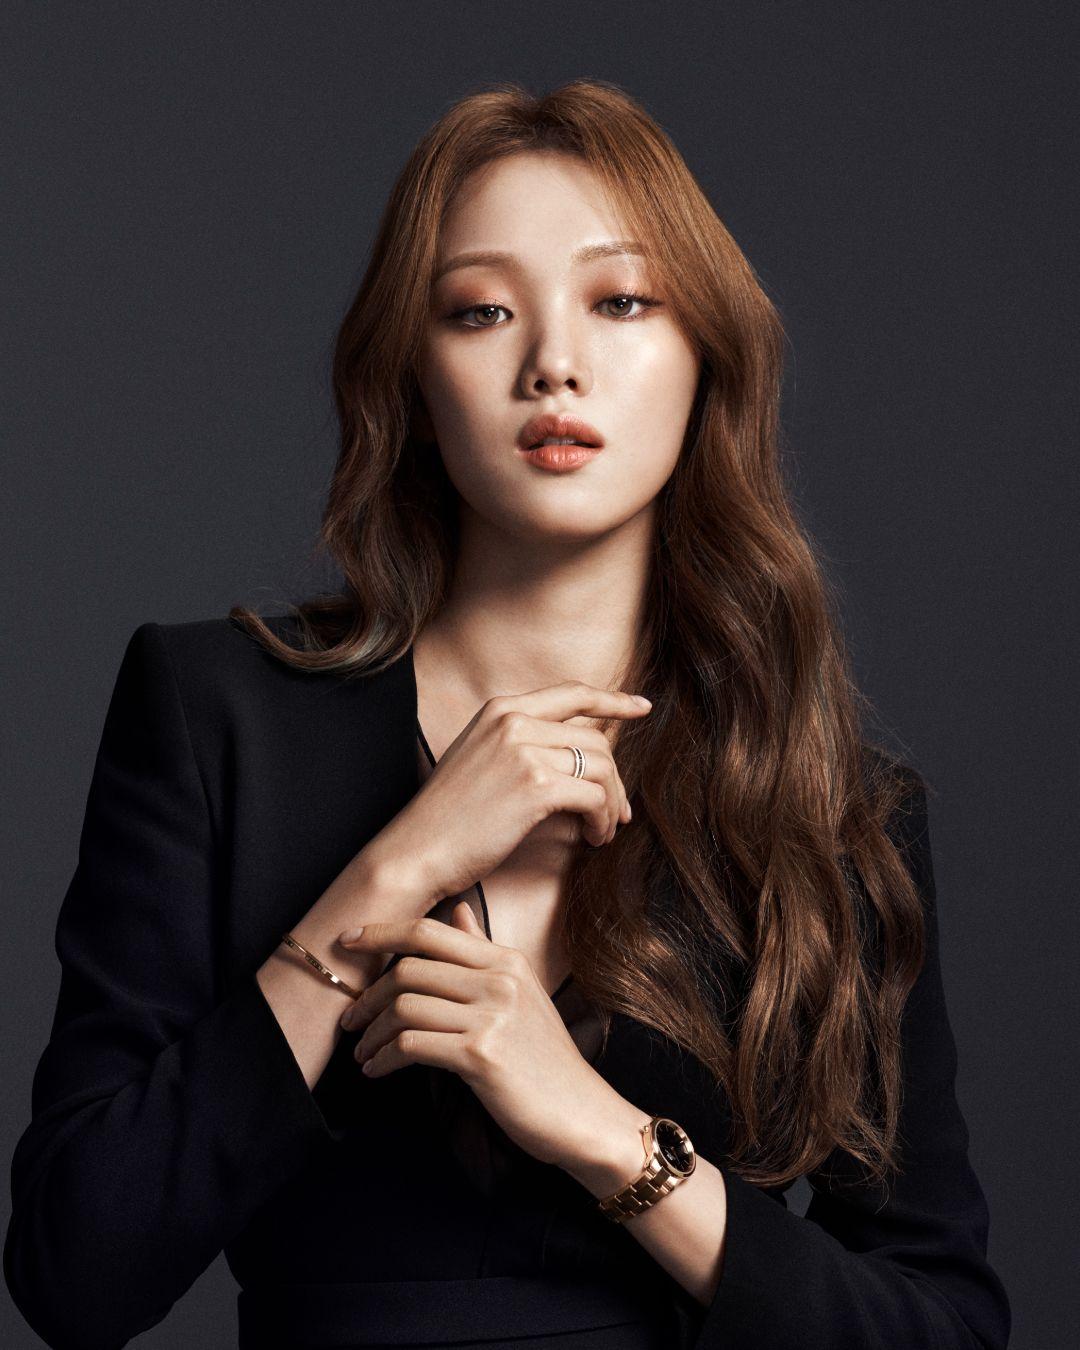 Lee Sung Kyung ideas | modă coreeană, fotografie frumusețe, biblia